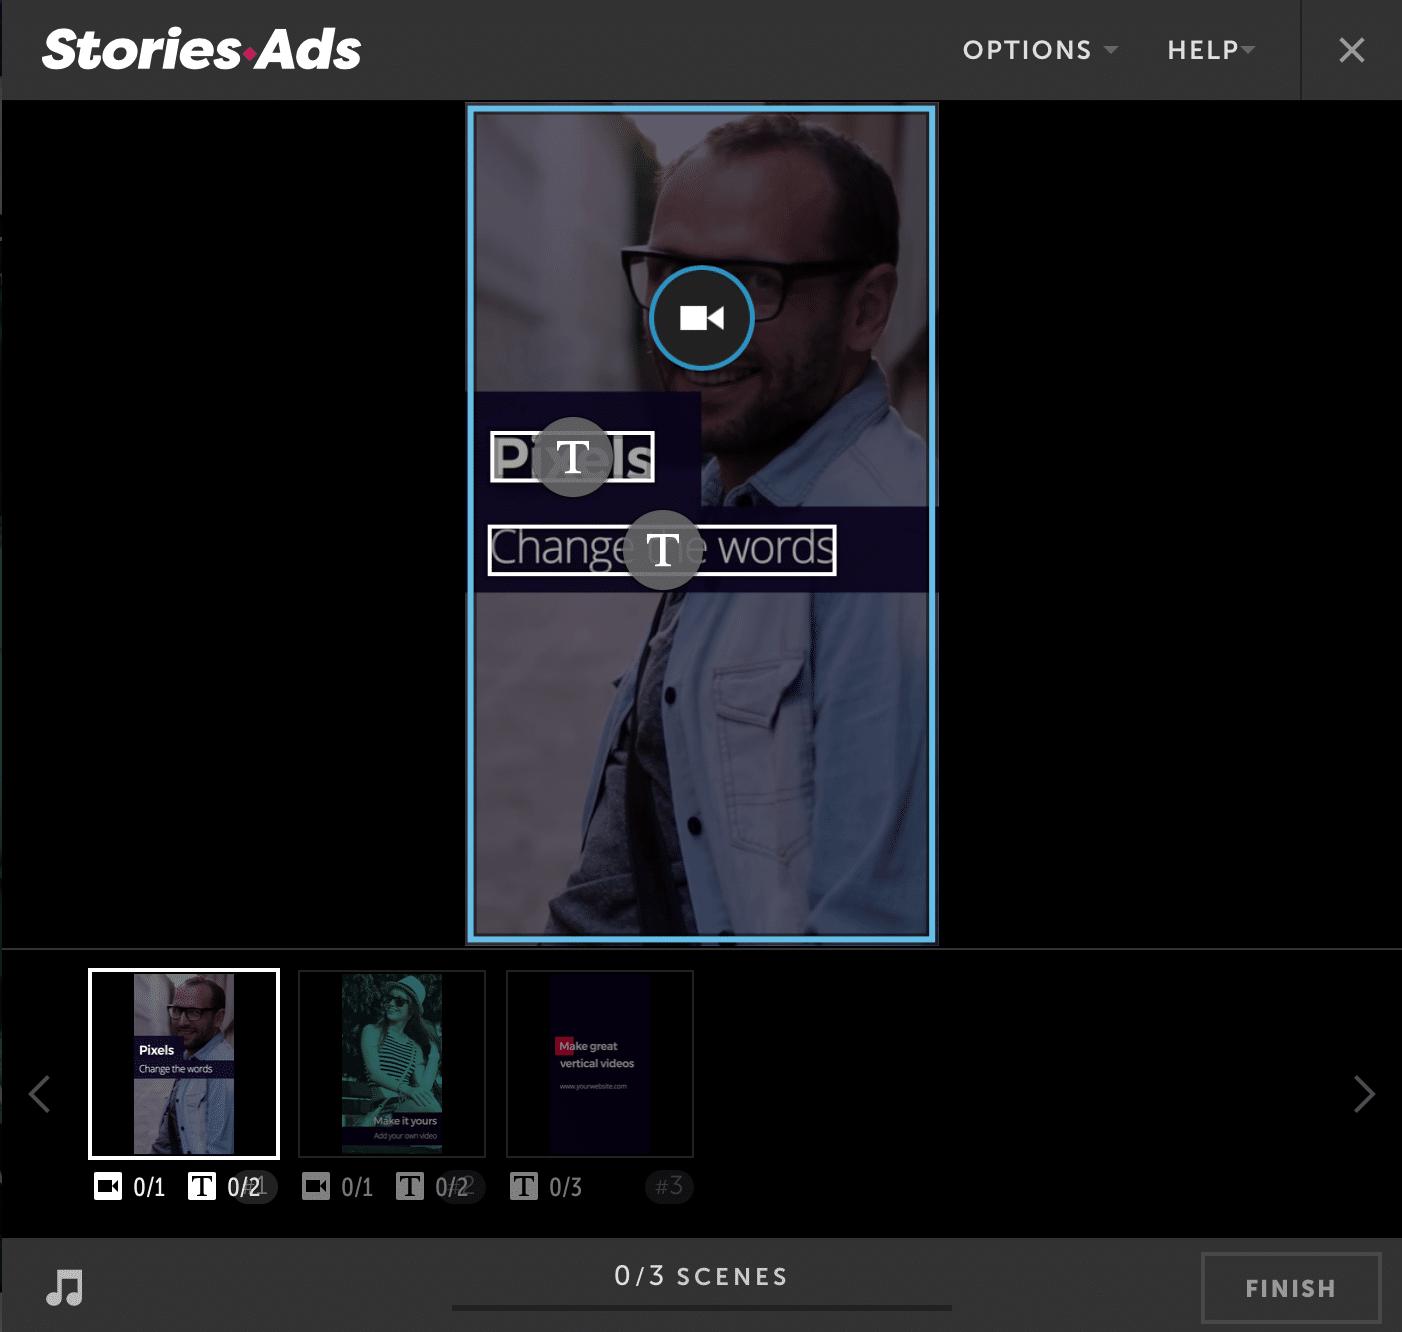 storiesads as an instagram management tool